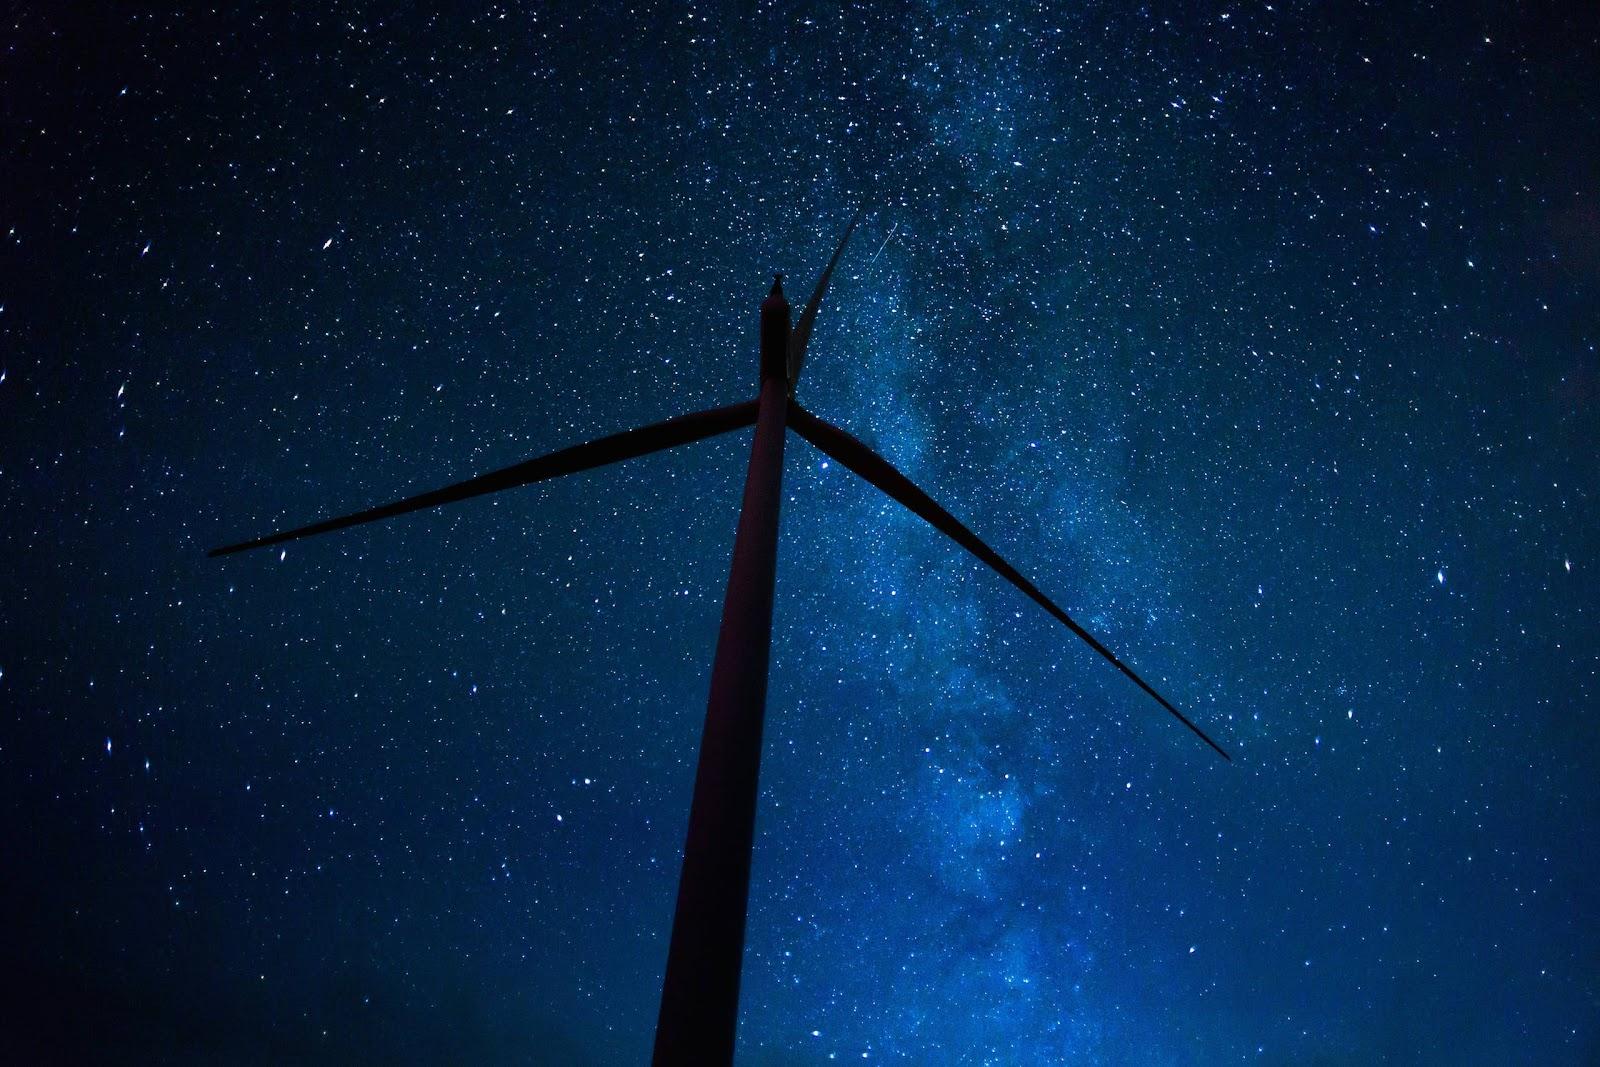 Starry Night 美しすぎる星空の壁紙まとめ(高解像度2560px)|idea Web Tools 自動車とテクノロジーのニュースブログ